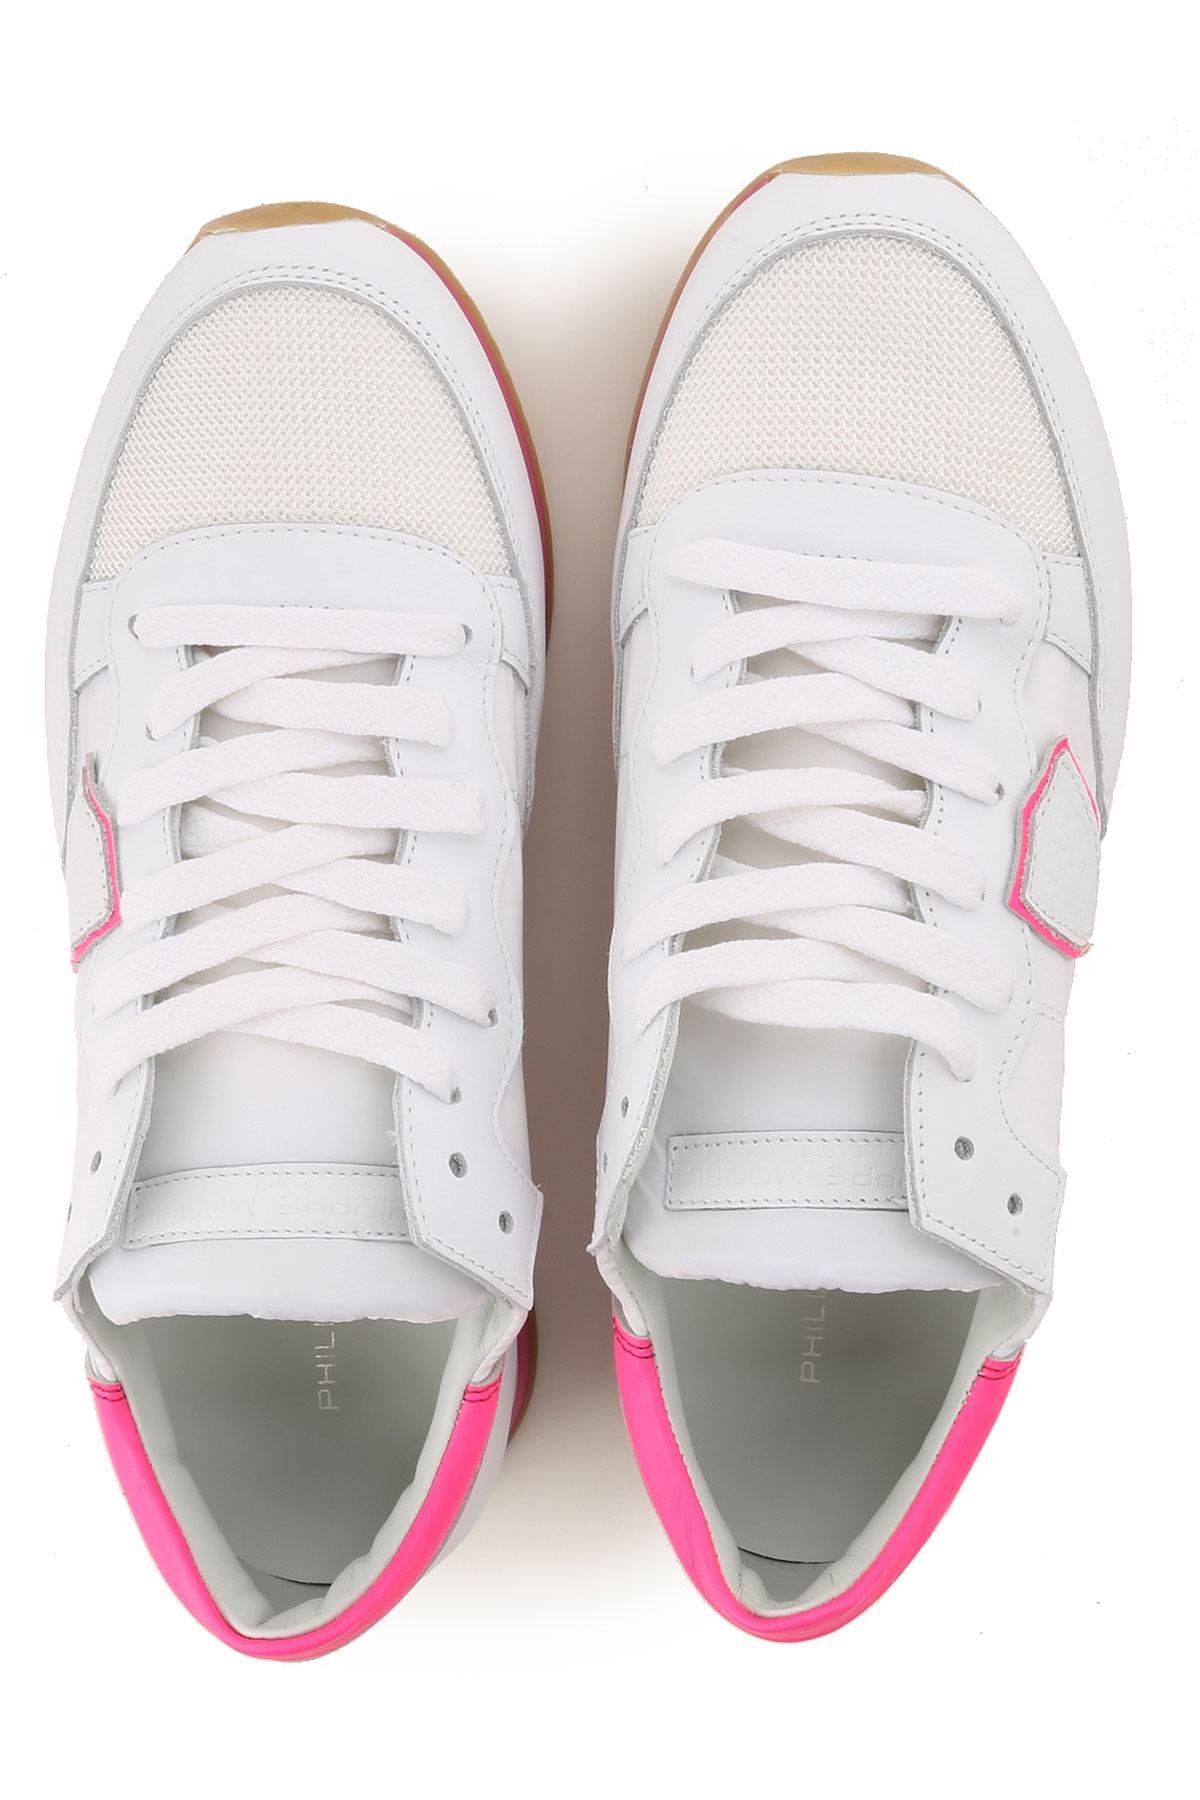 Philippe Mujer Model Zapatos Fluorescente Primavera Blanco 2019 Fucsia verano Para rxrfwRqp